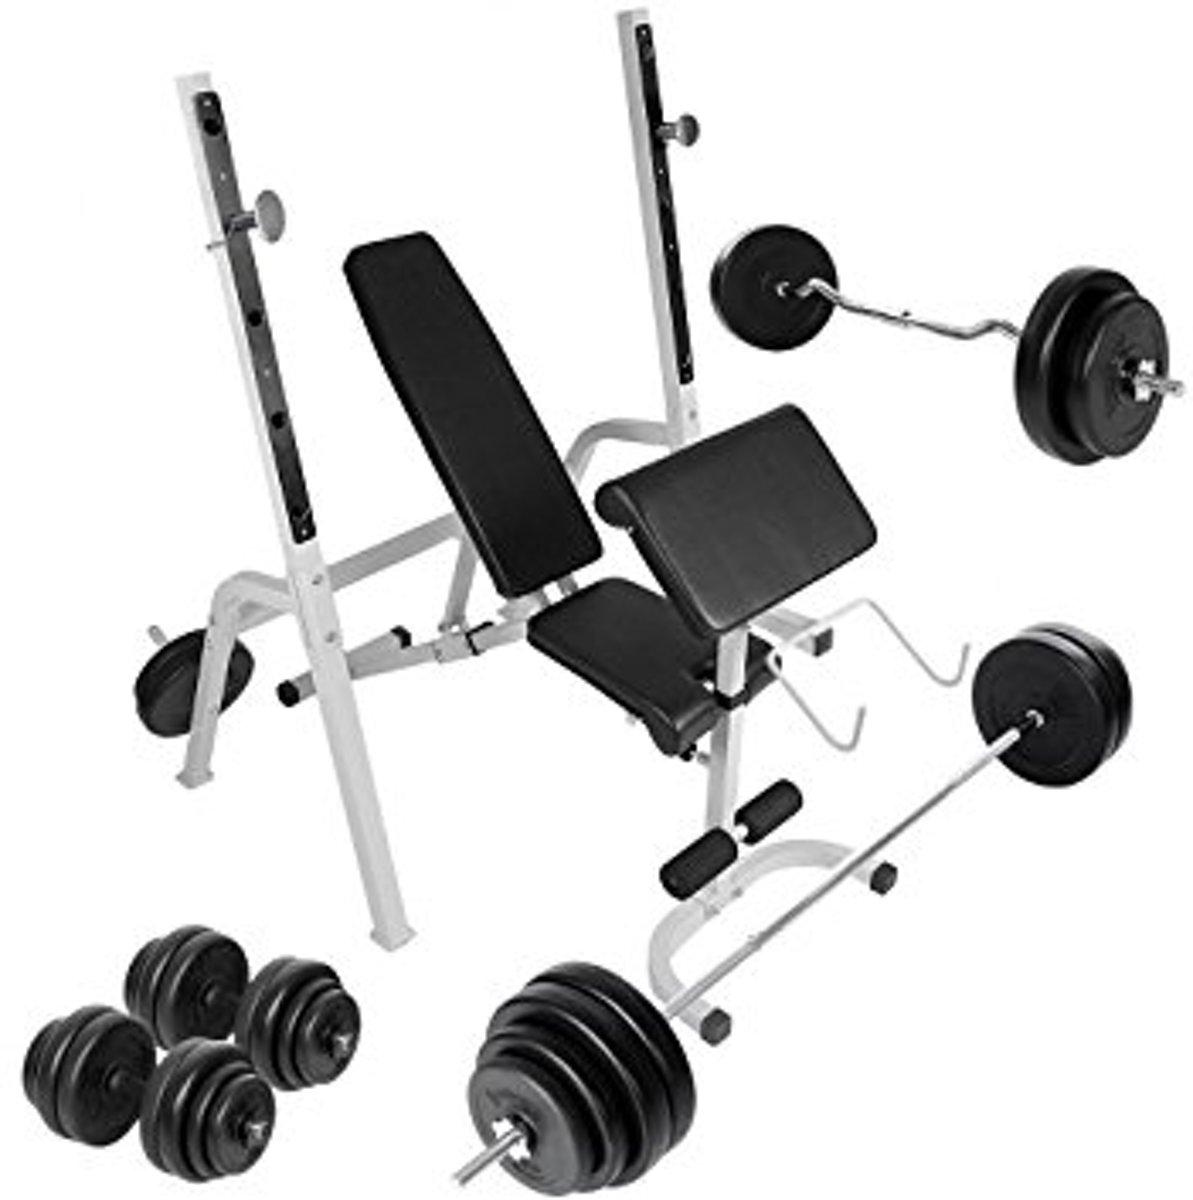 Fitnessbank Biceps Triceps - Halterstandaard - halterstang - Dumbells - Curlstang - Gewichten 109 kG kopen